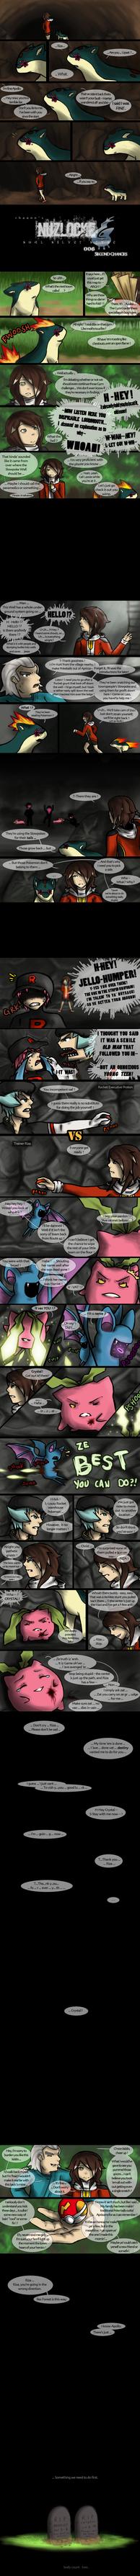 Rhaenn's SS Nuzlocke - Page 6 by Rhaenn